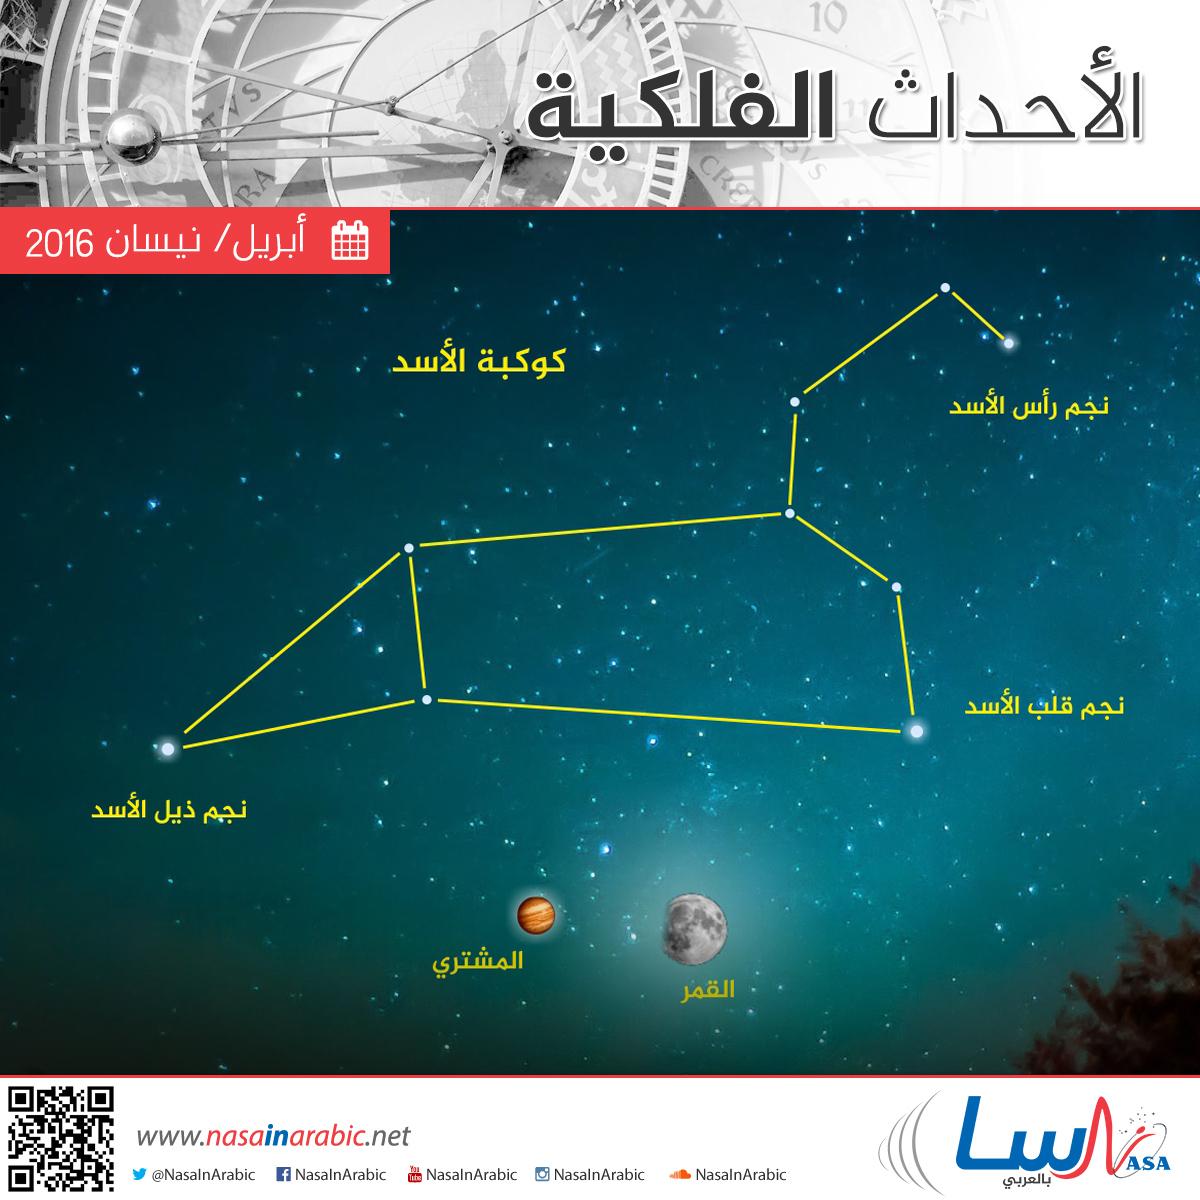 أهم الأحداث الفلكية خلال شهر نيسان/أبريل 2016